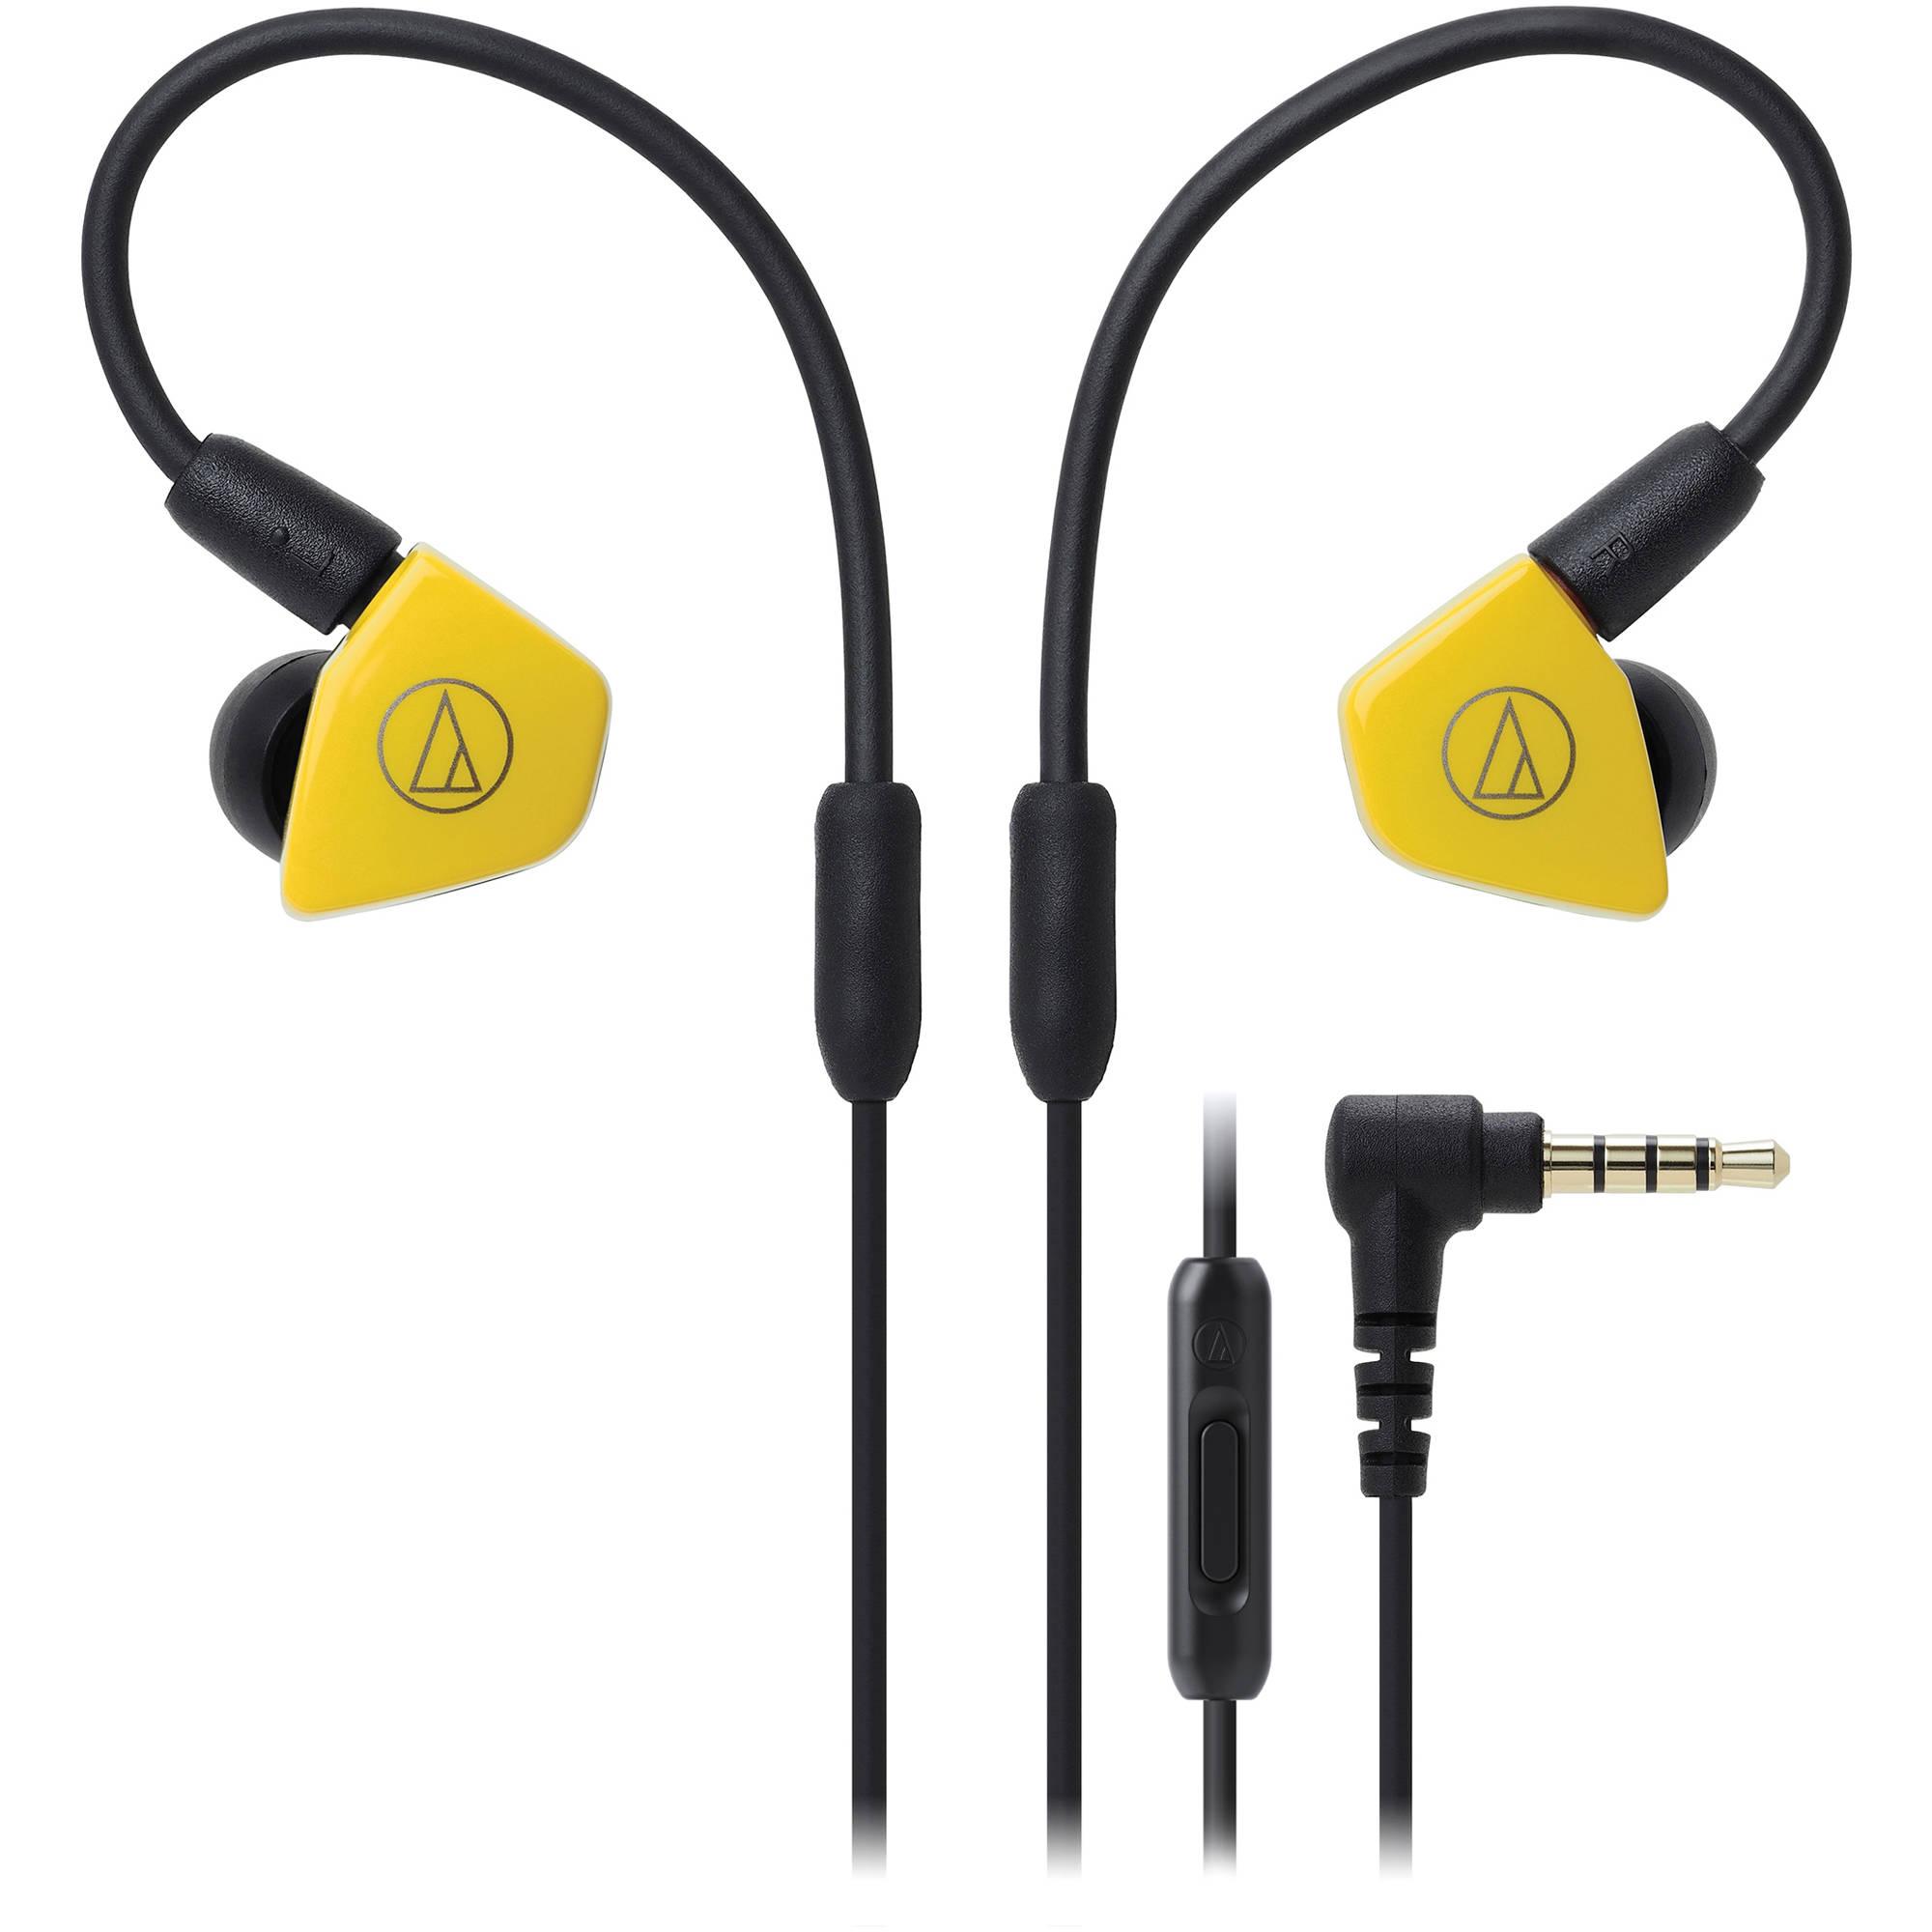 все цены на  Audio-Technica ATH-LS50iS (15119538) - внутриканальные наушники (Yellow)  онлайн